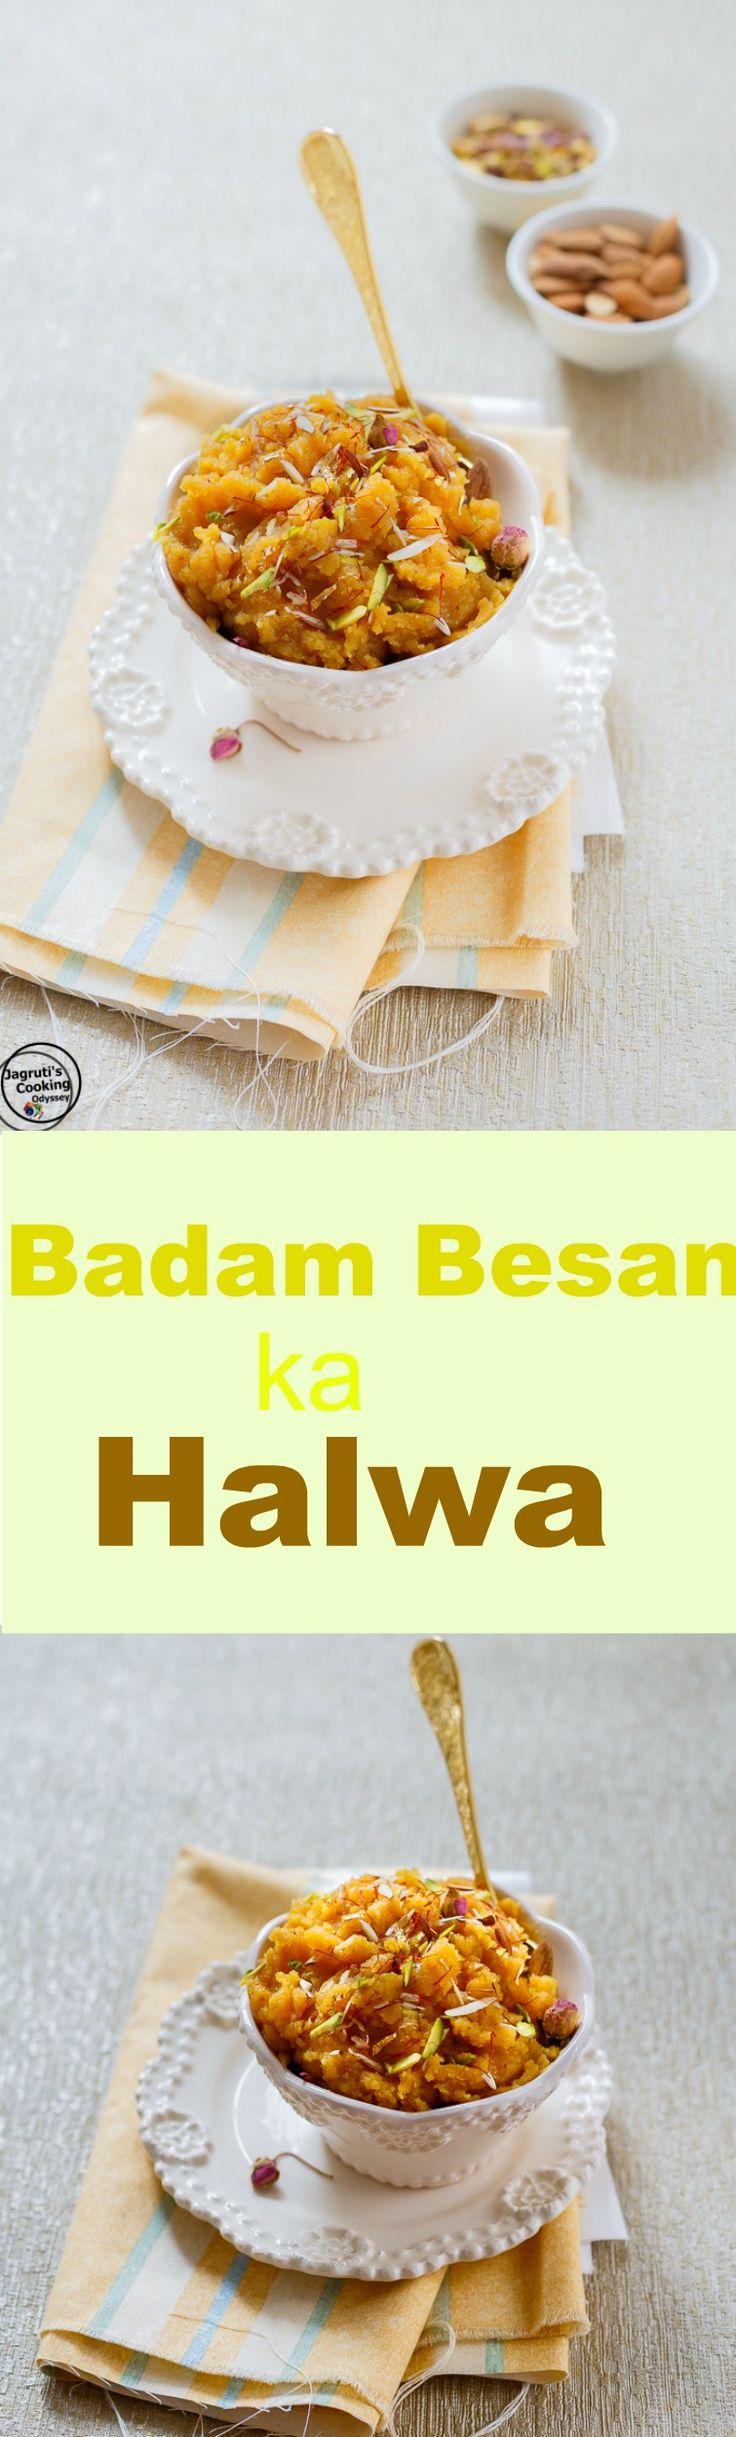 Badam Besan ka Halwa-Almond and Chickpea flour Pudding